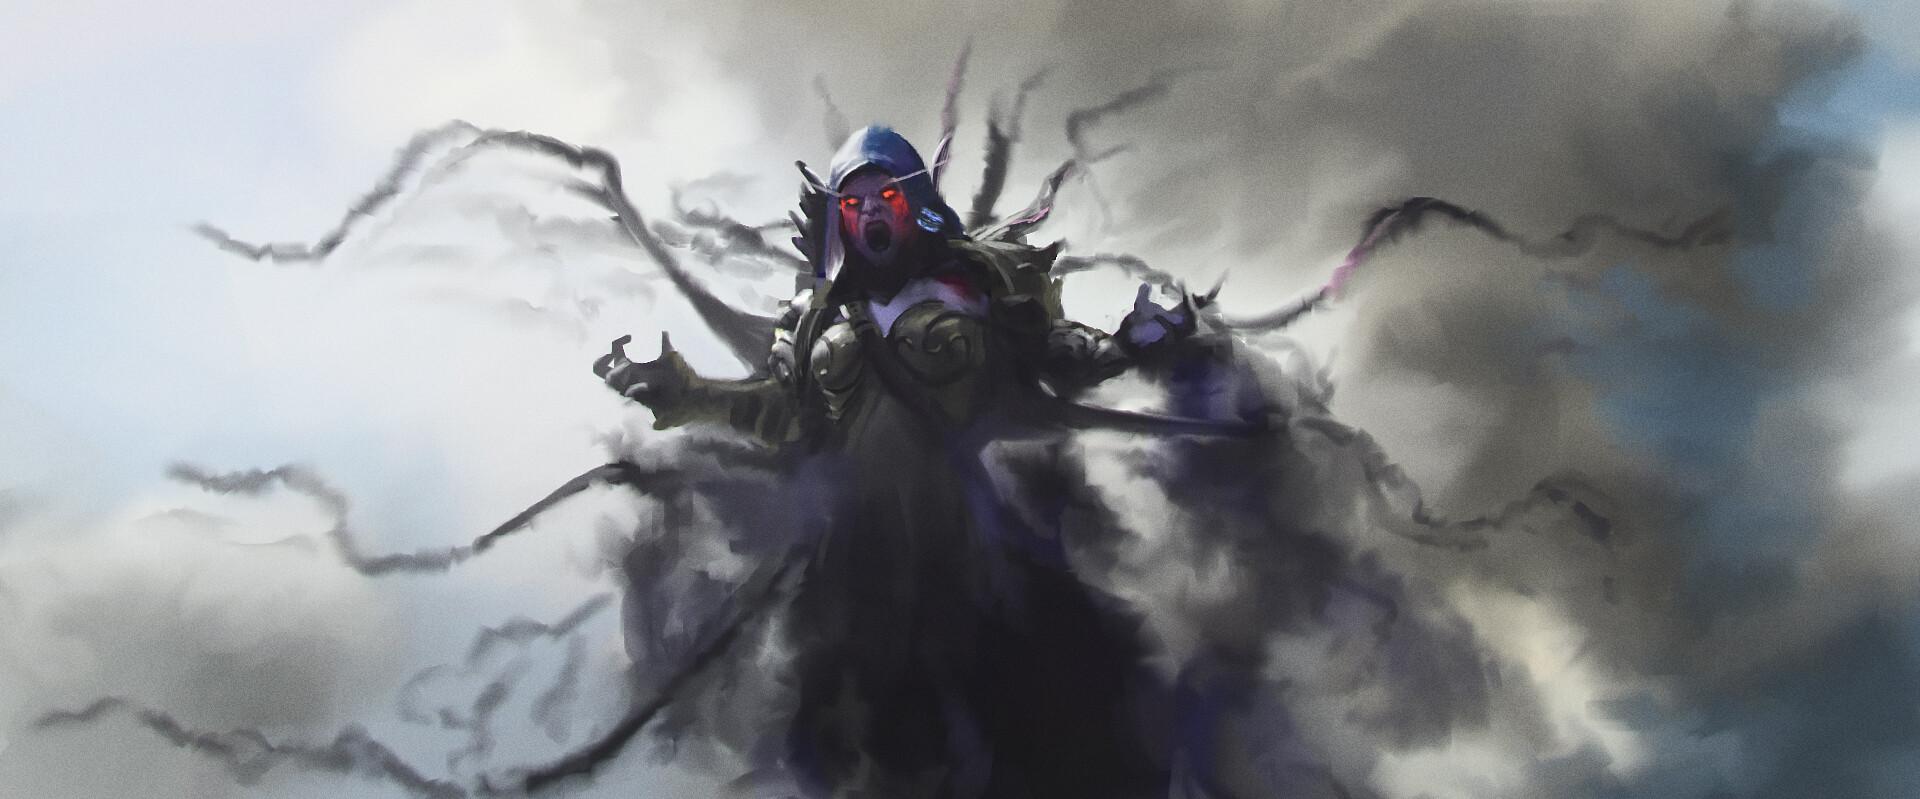 by Adrian Virlan - World of Warcraft